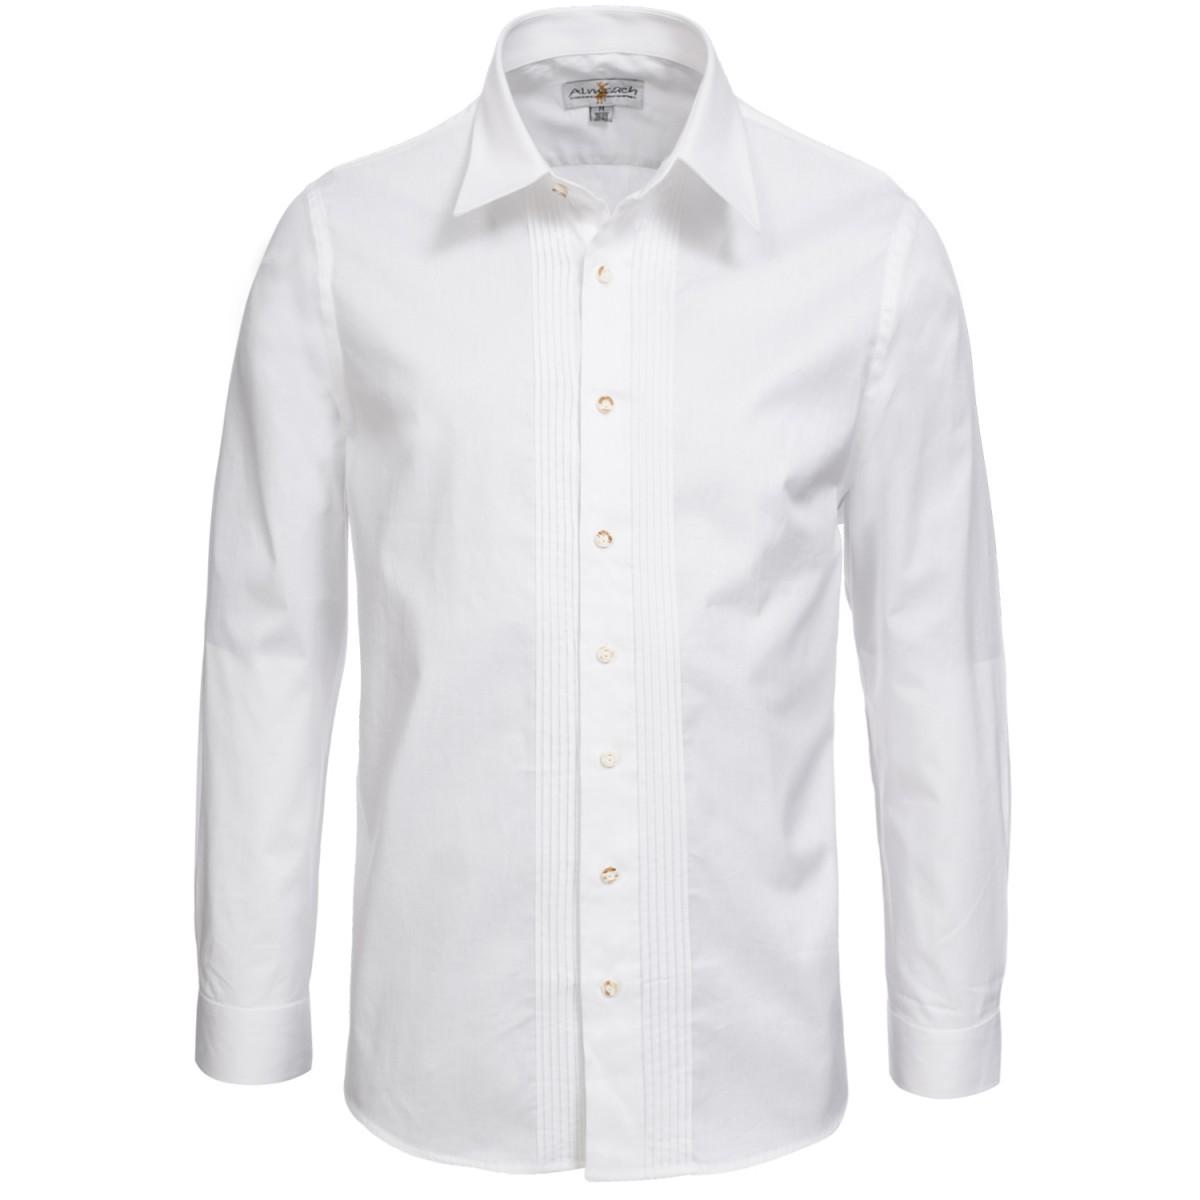 Trachtenhemd Regular Fit mit Biesen in Weiß von Almsach günstig online kaufen